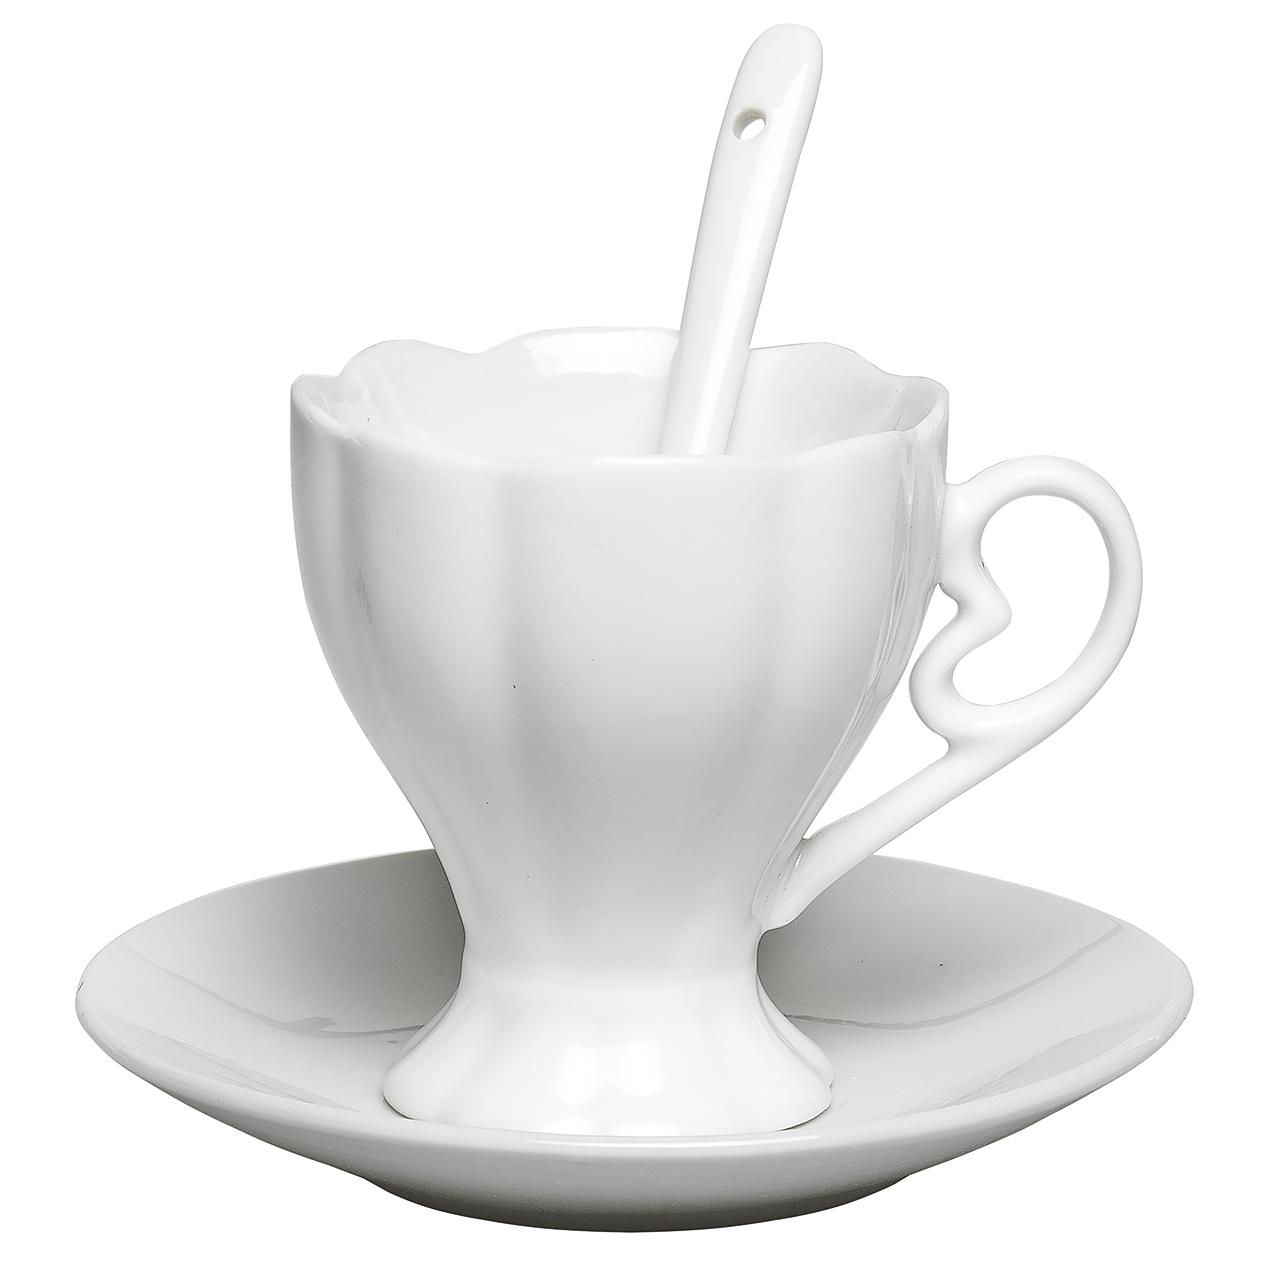 سرویس قهوه خوری 18 پارچه پرانی مدل 2746